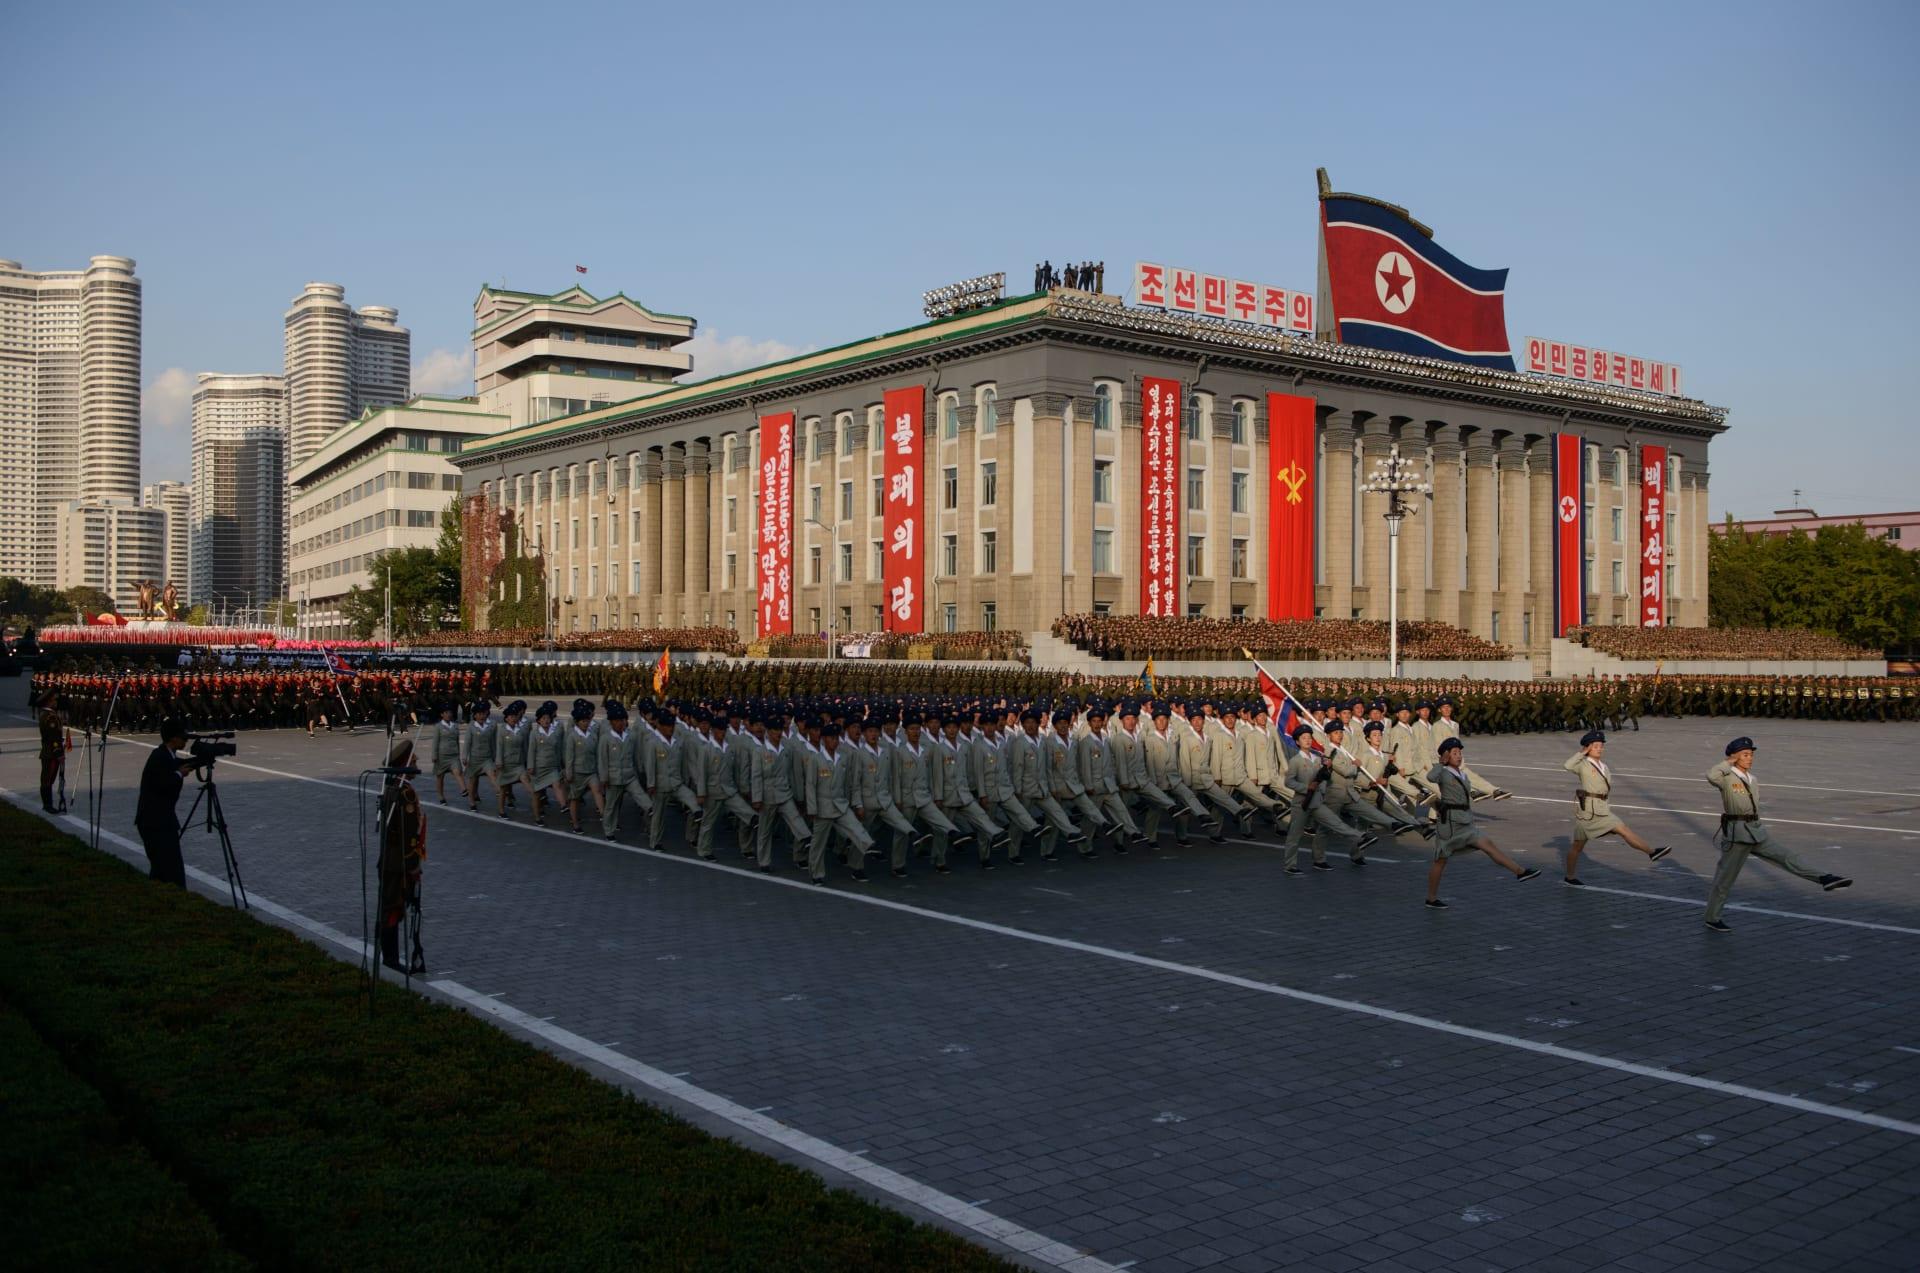 تقارير: كوريا الشمالية تعدم رئيس أركان جيشها